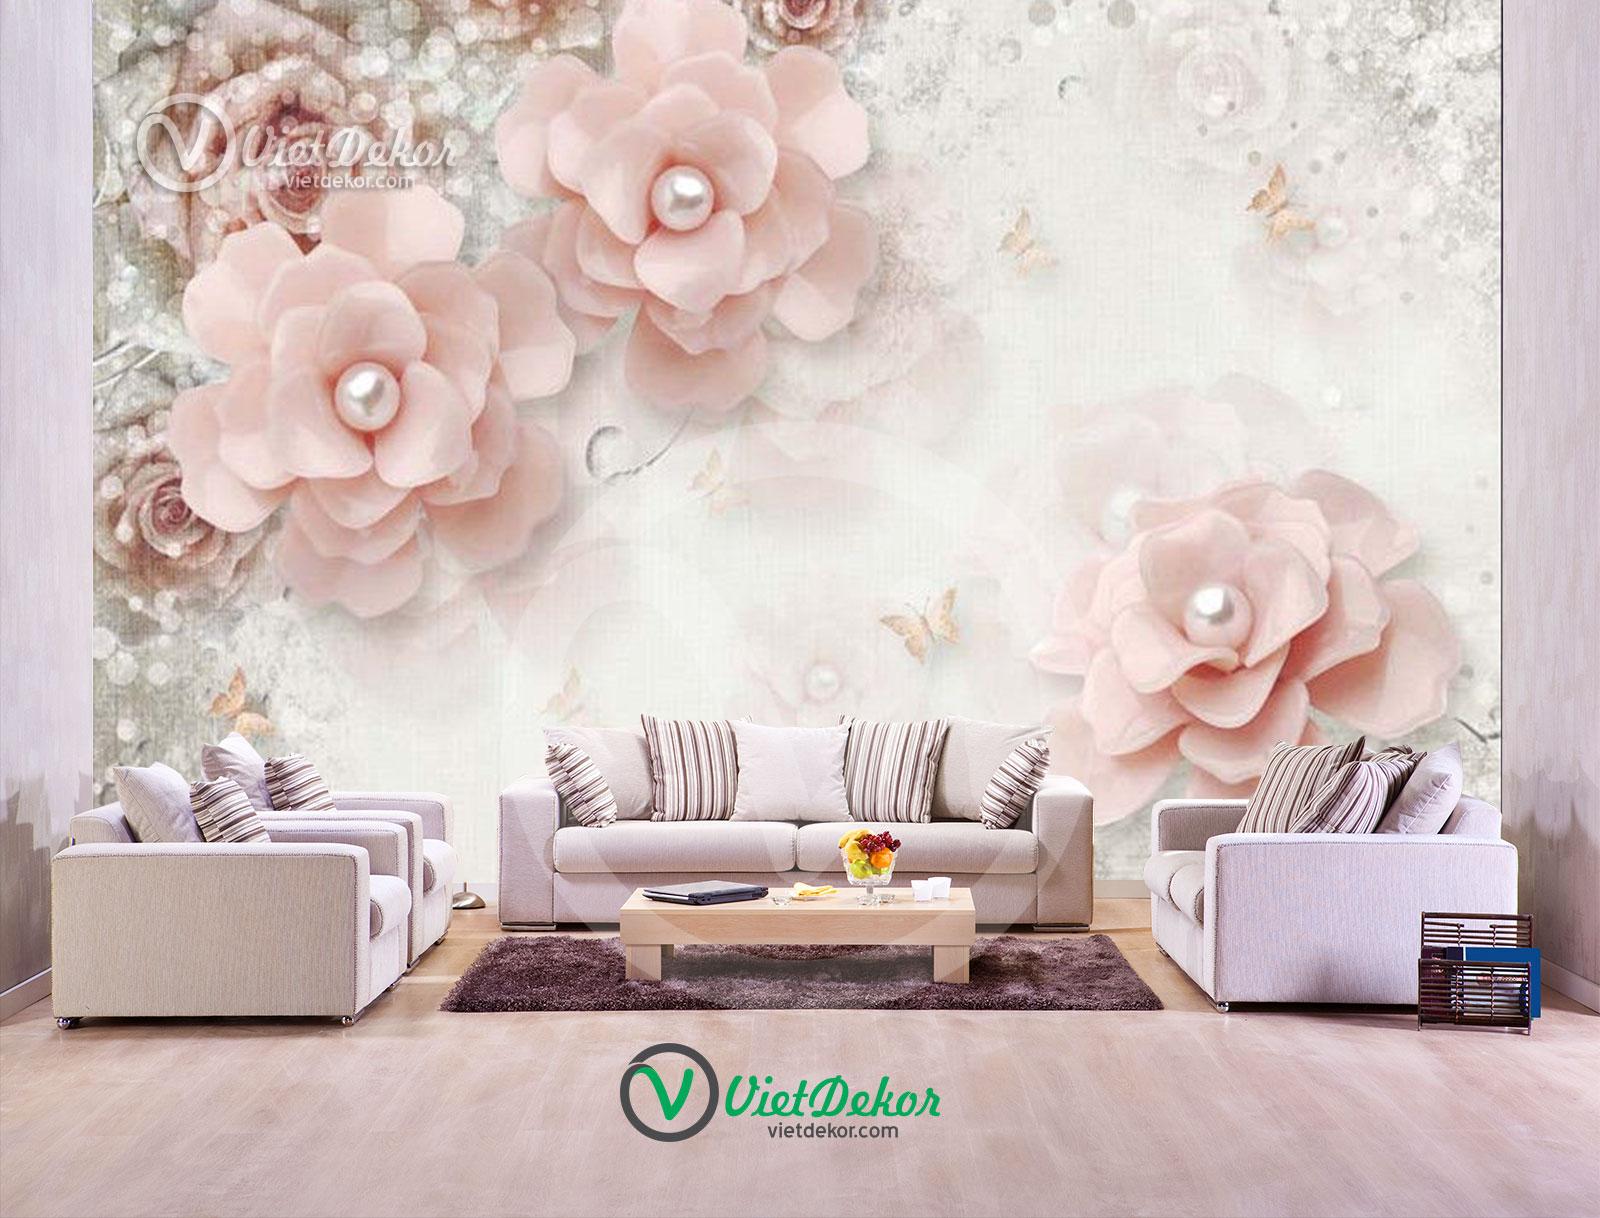 Tranh dán tường 3d hoa ngọc trang sức